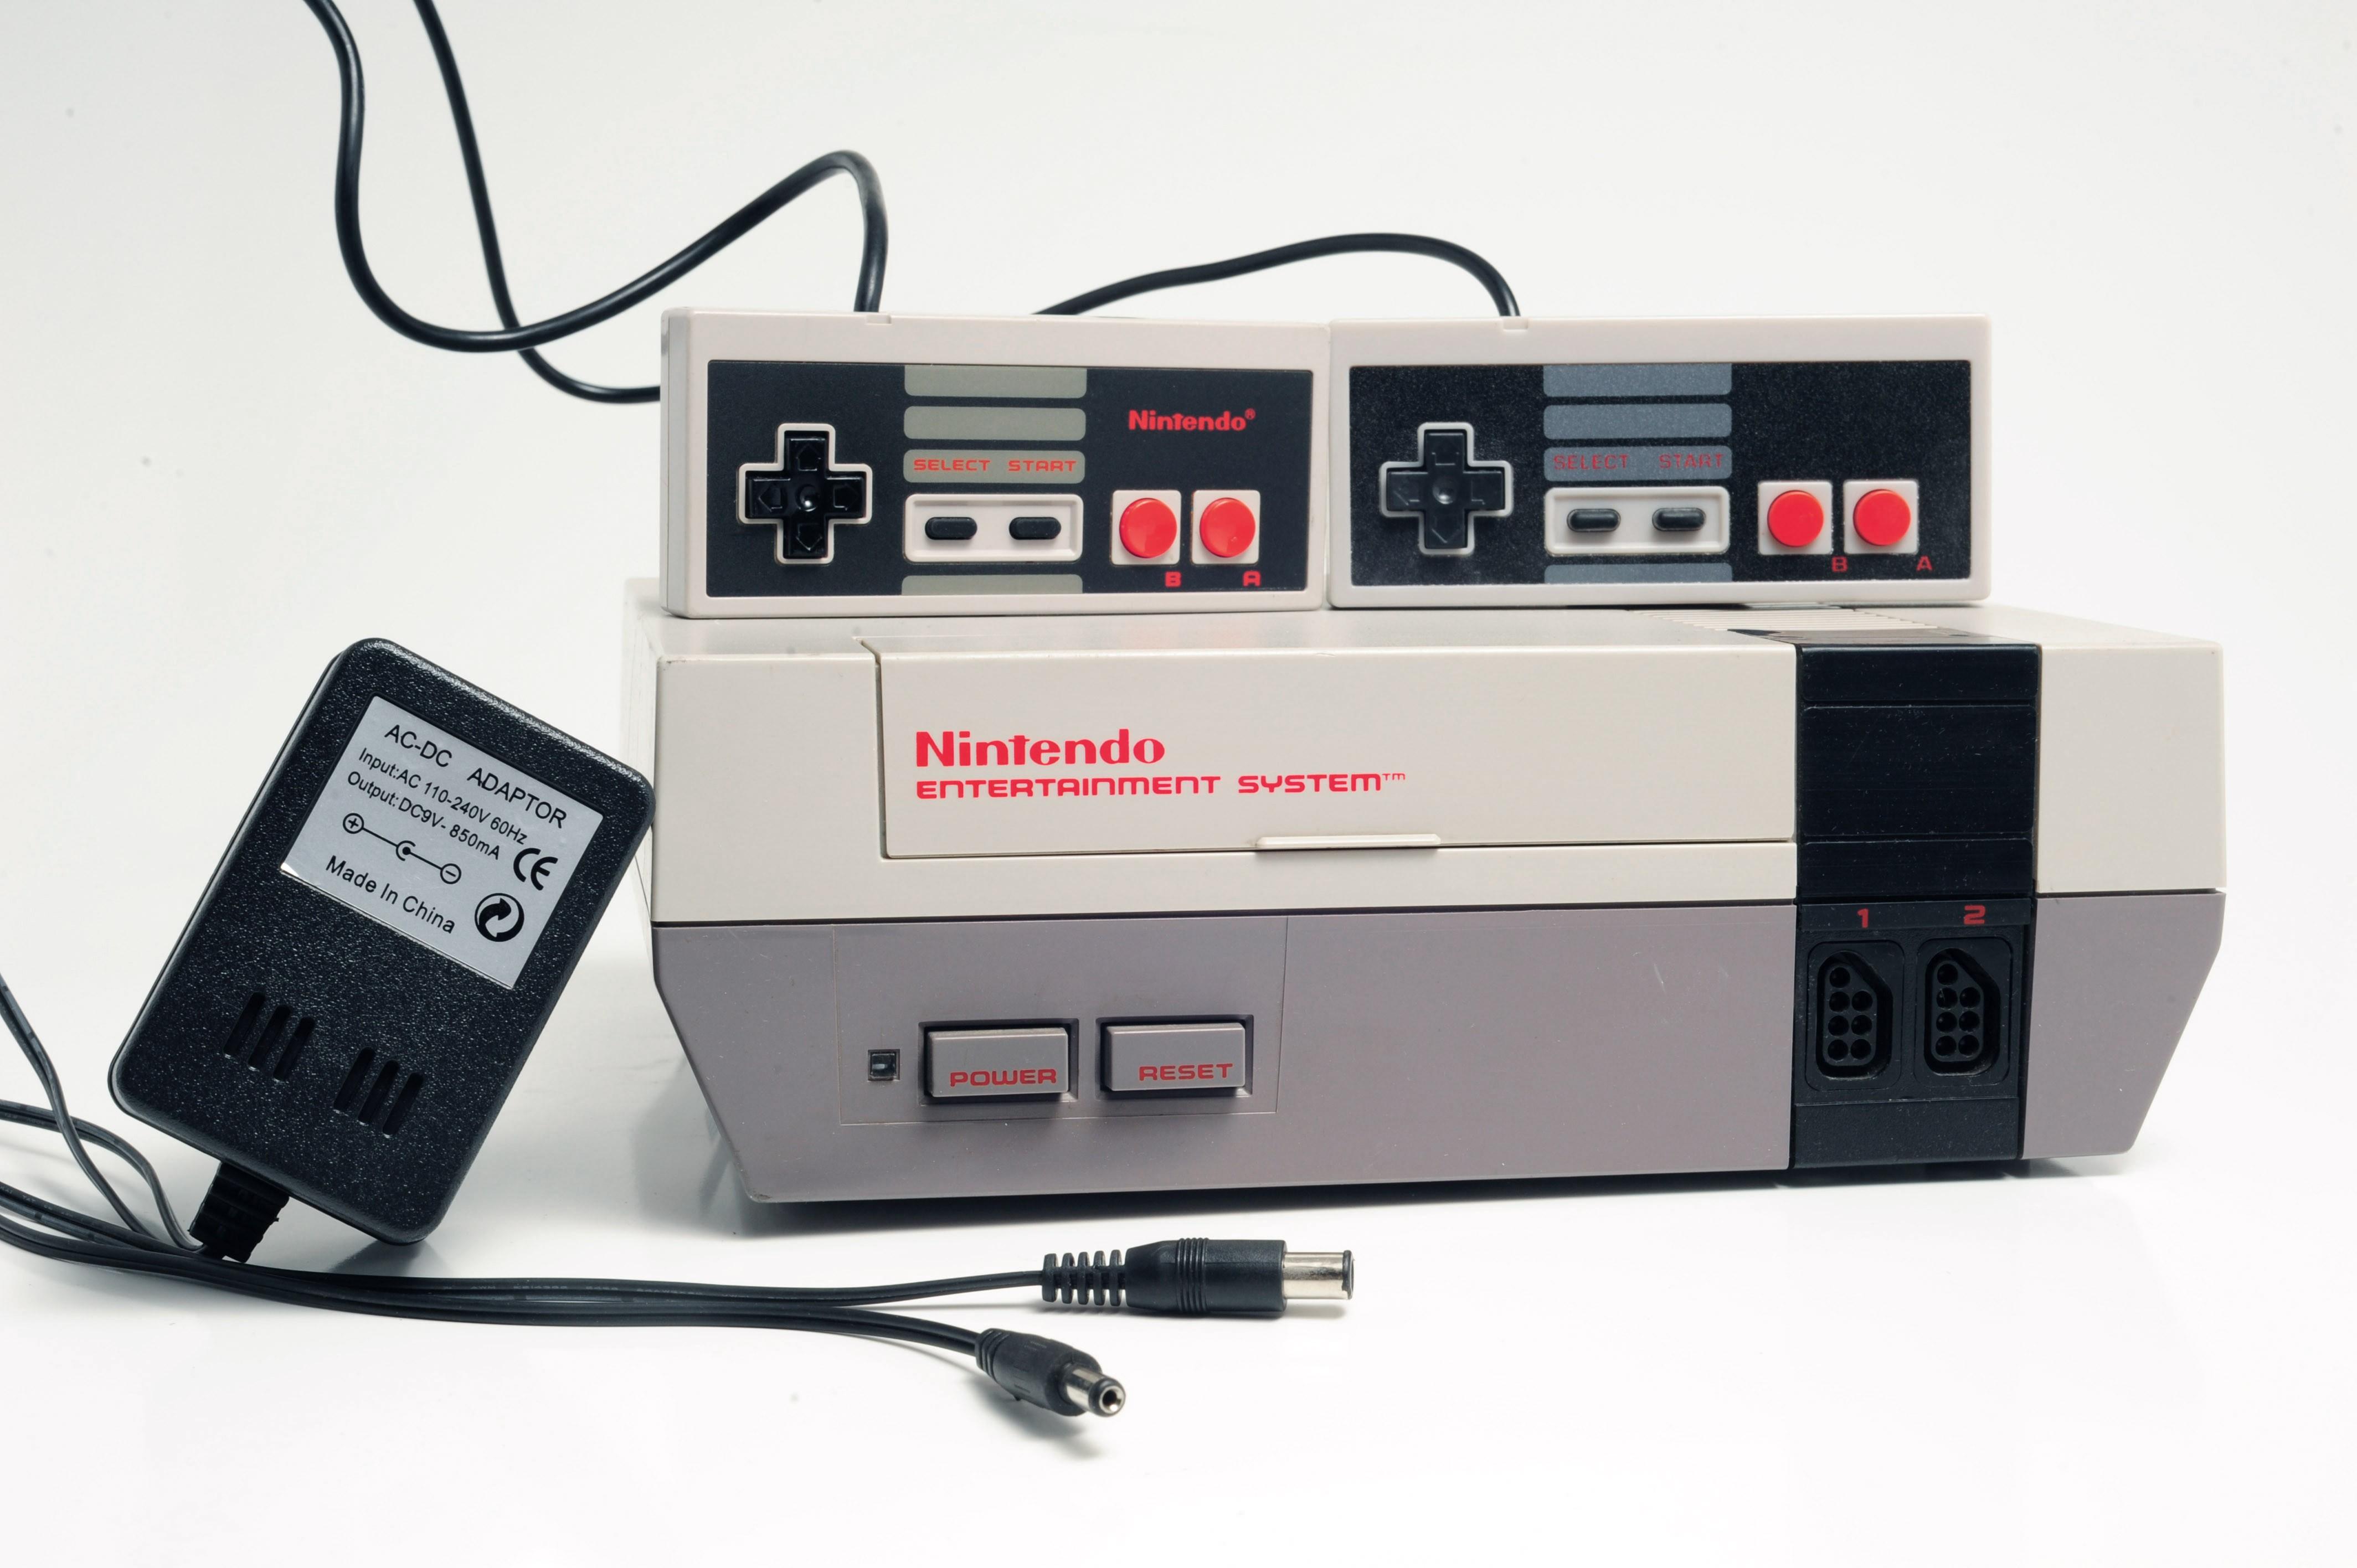 Console complète Nintendo NES originale avec 1X manette originale + 1X manette générique et fils de branchement